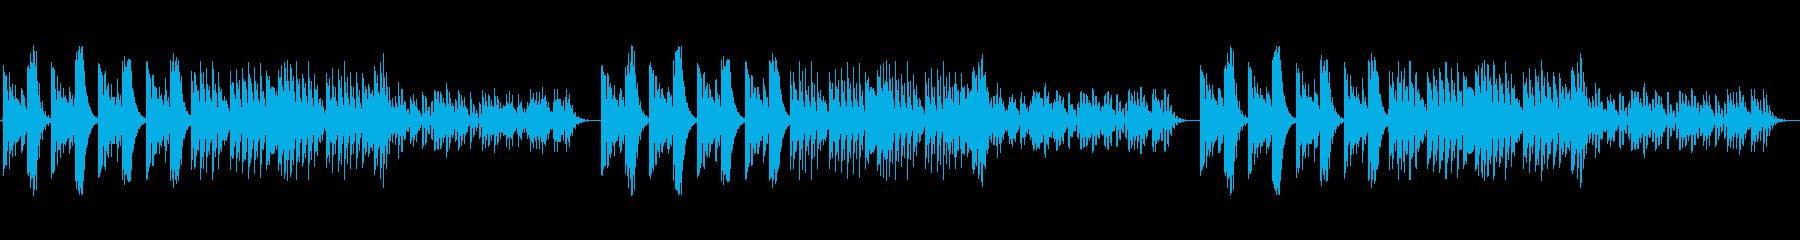 オリエンタルで琴のようなストリングスの再生済みの波形